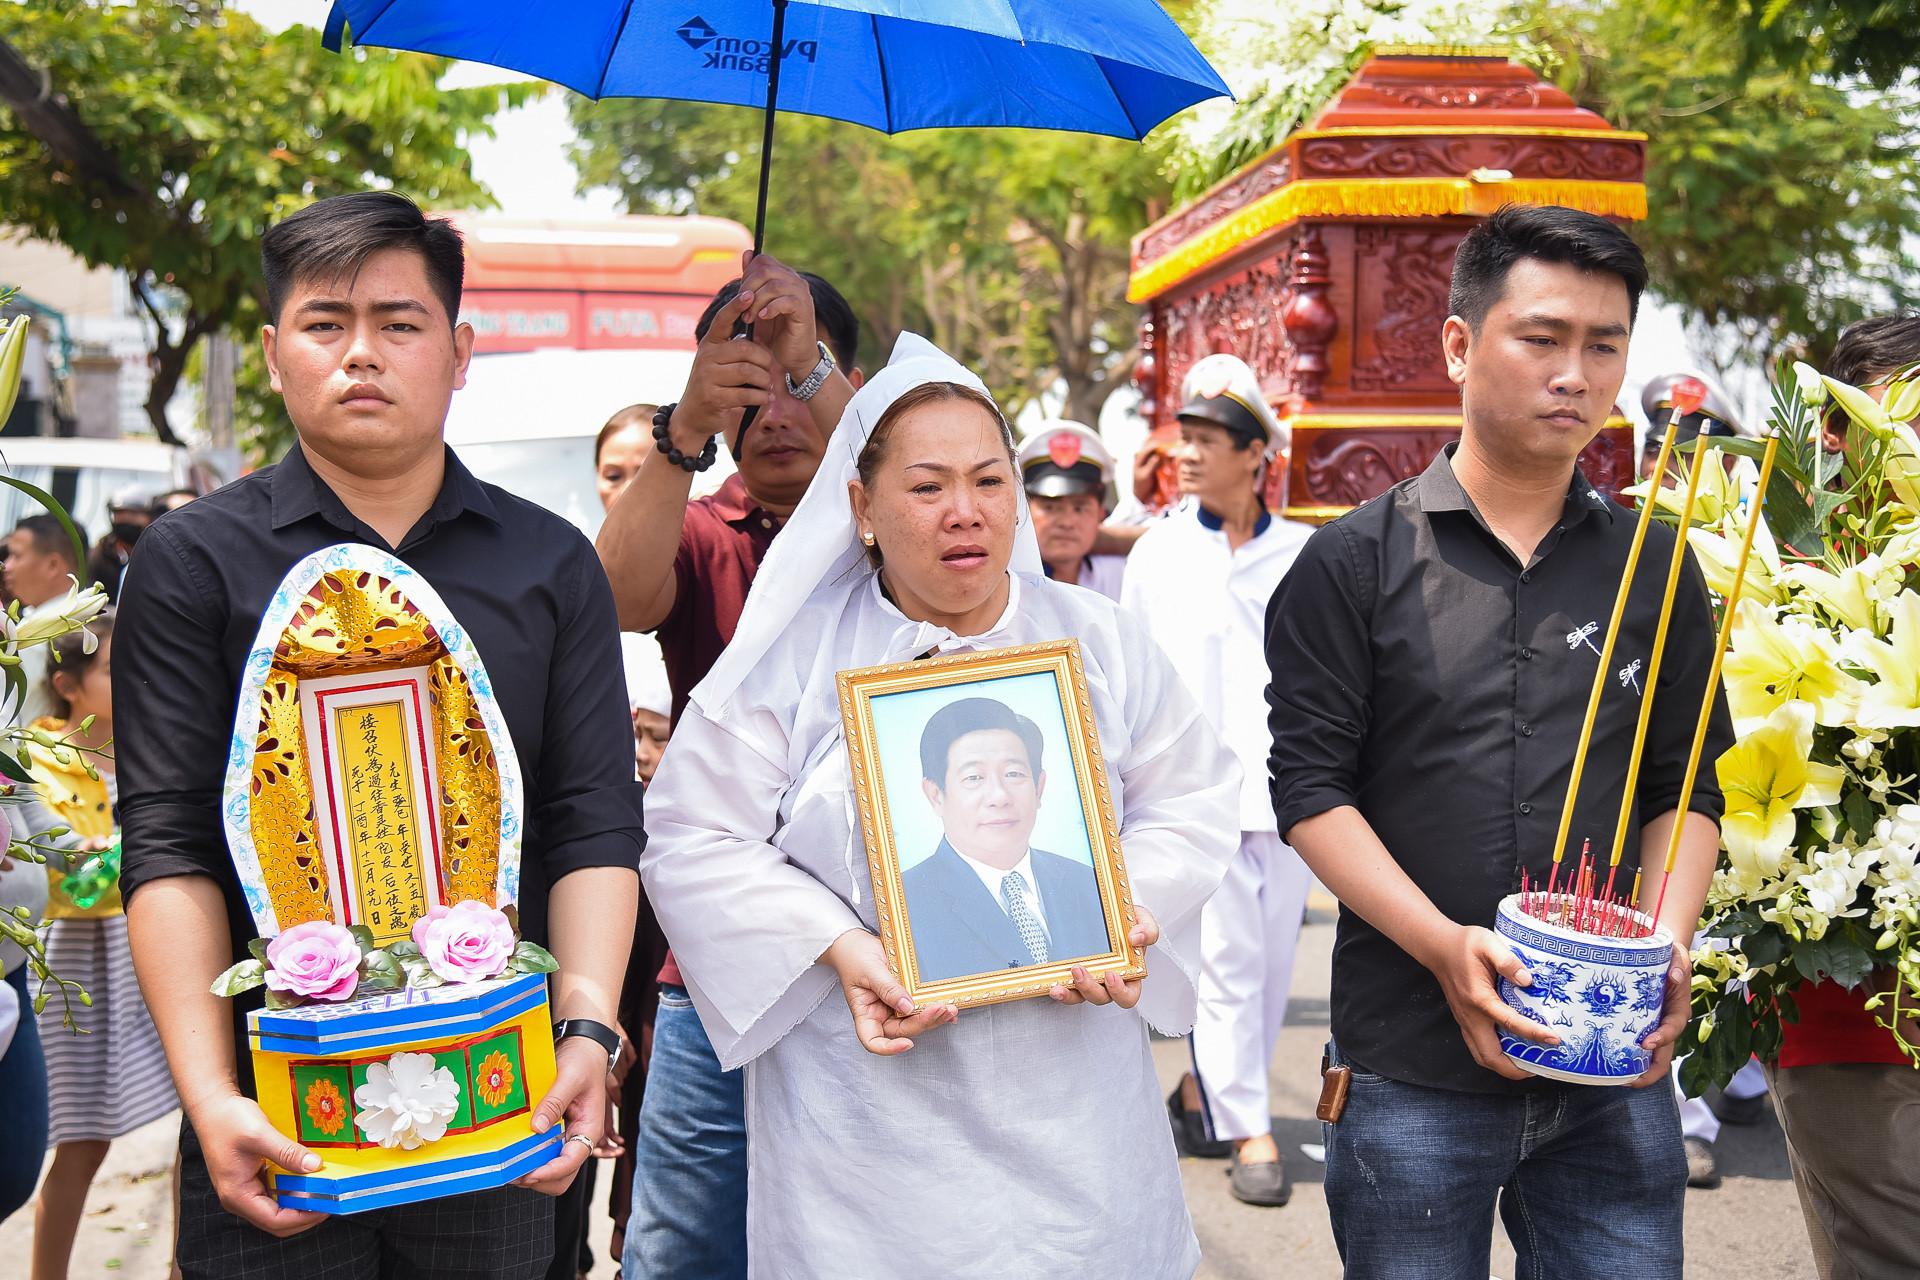 Nghệ sĩ Sài Gòn nghẹn ngào trong lễ tang Nguyễn Hậu ngày cuối năm